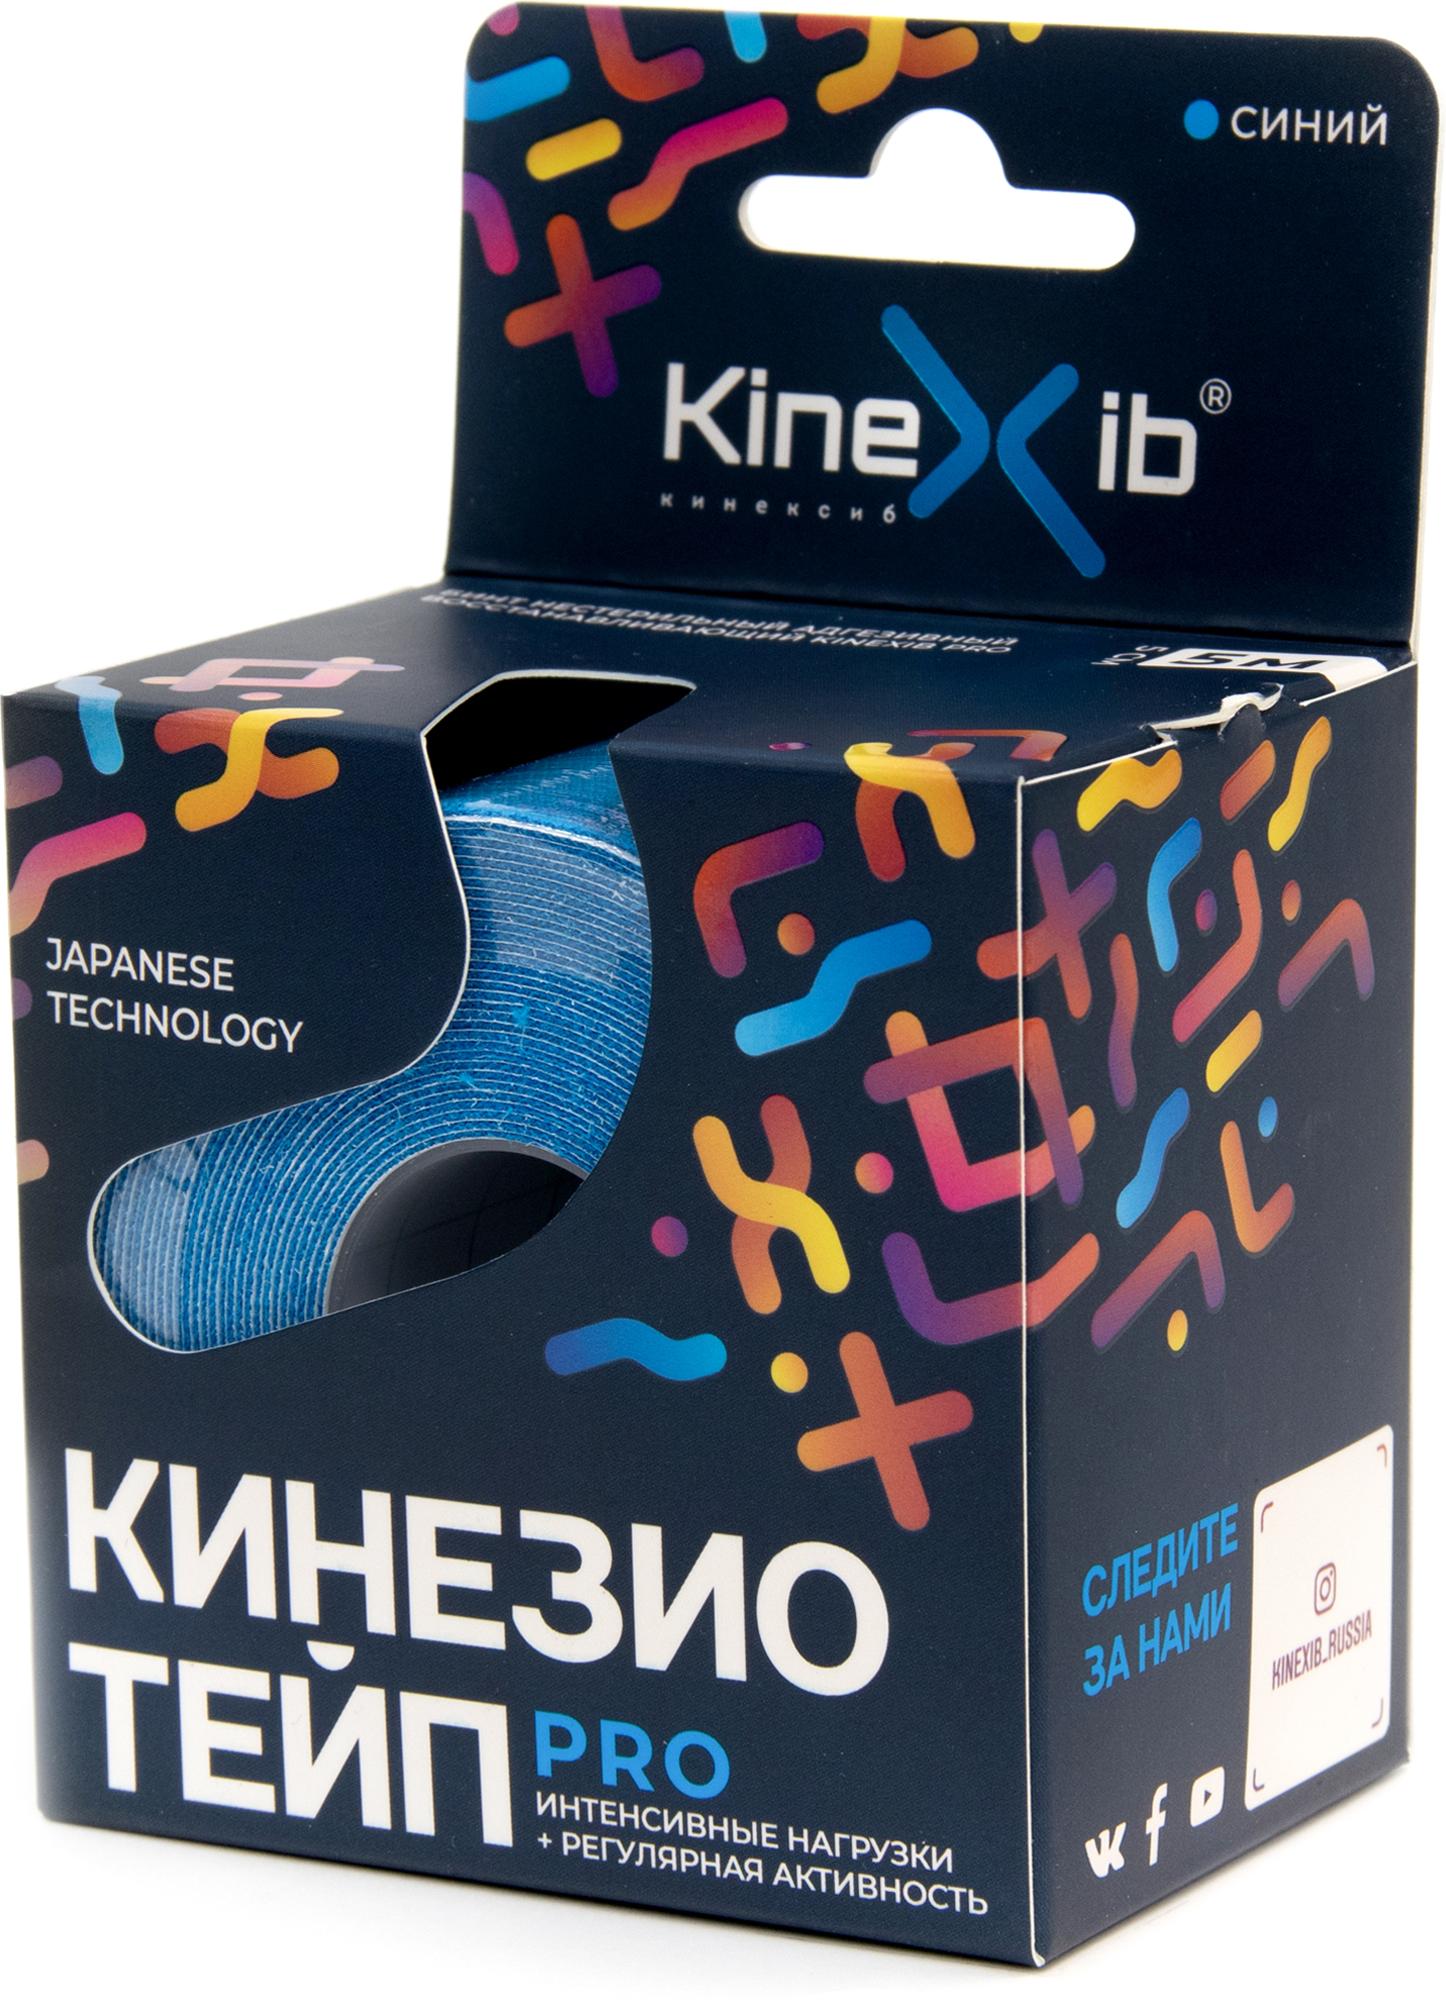 Kinexib Кинезио-тейп Pro, синий